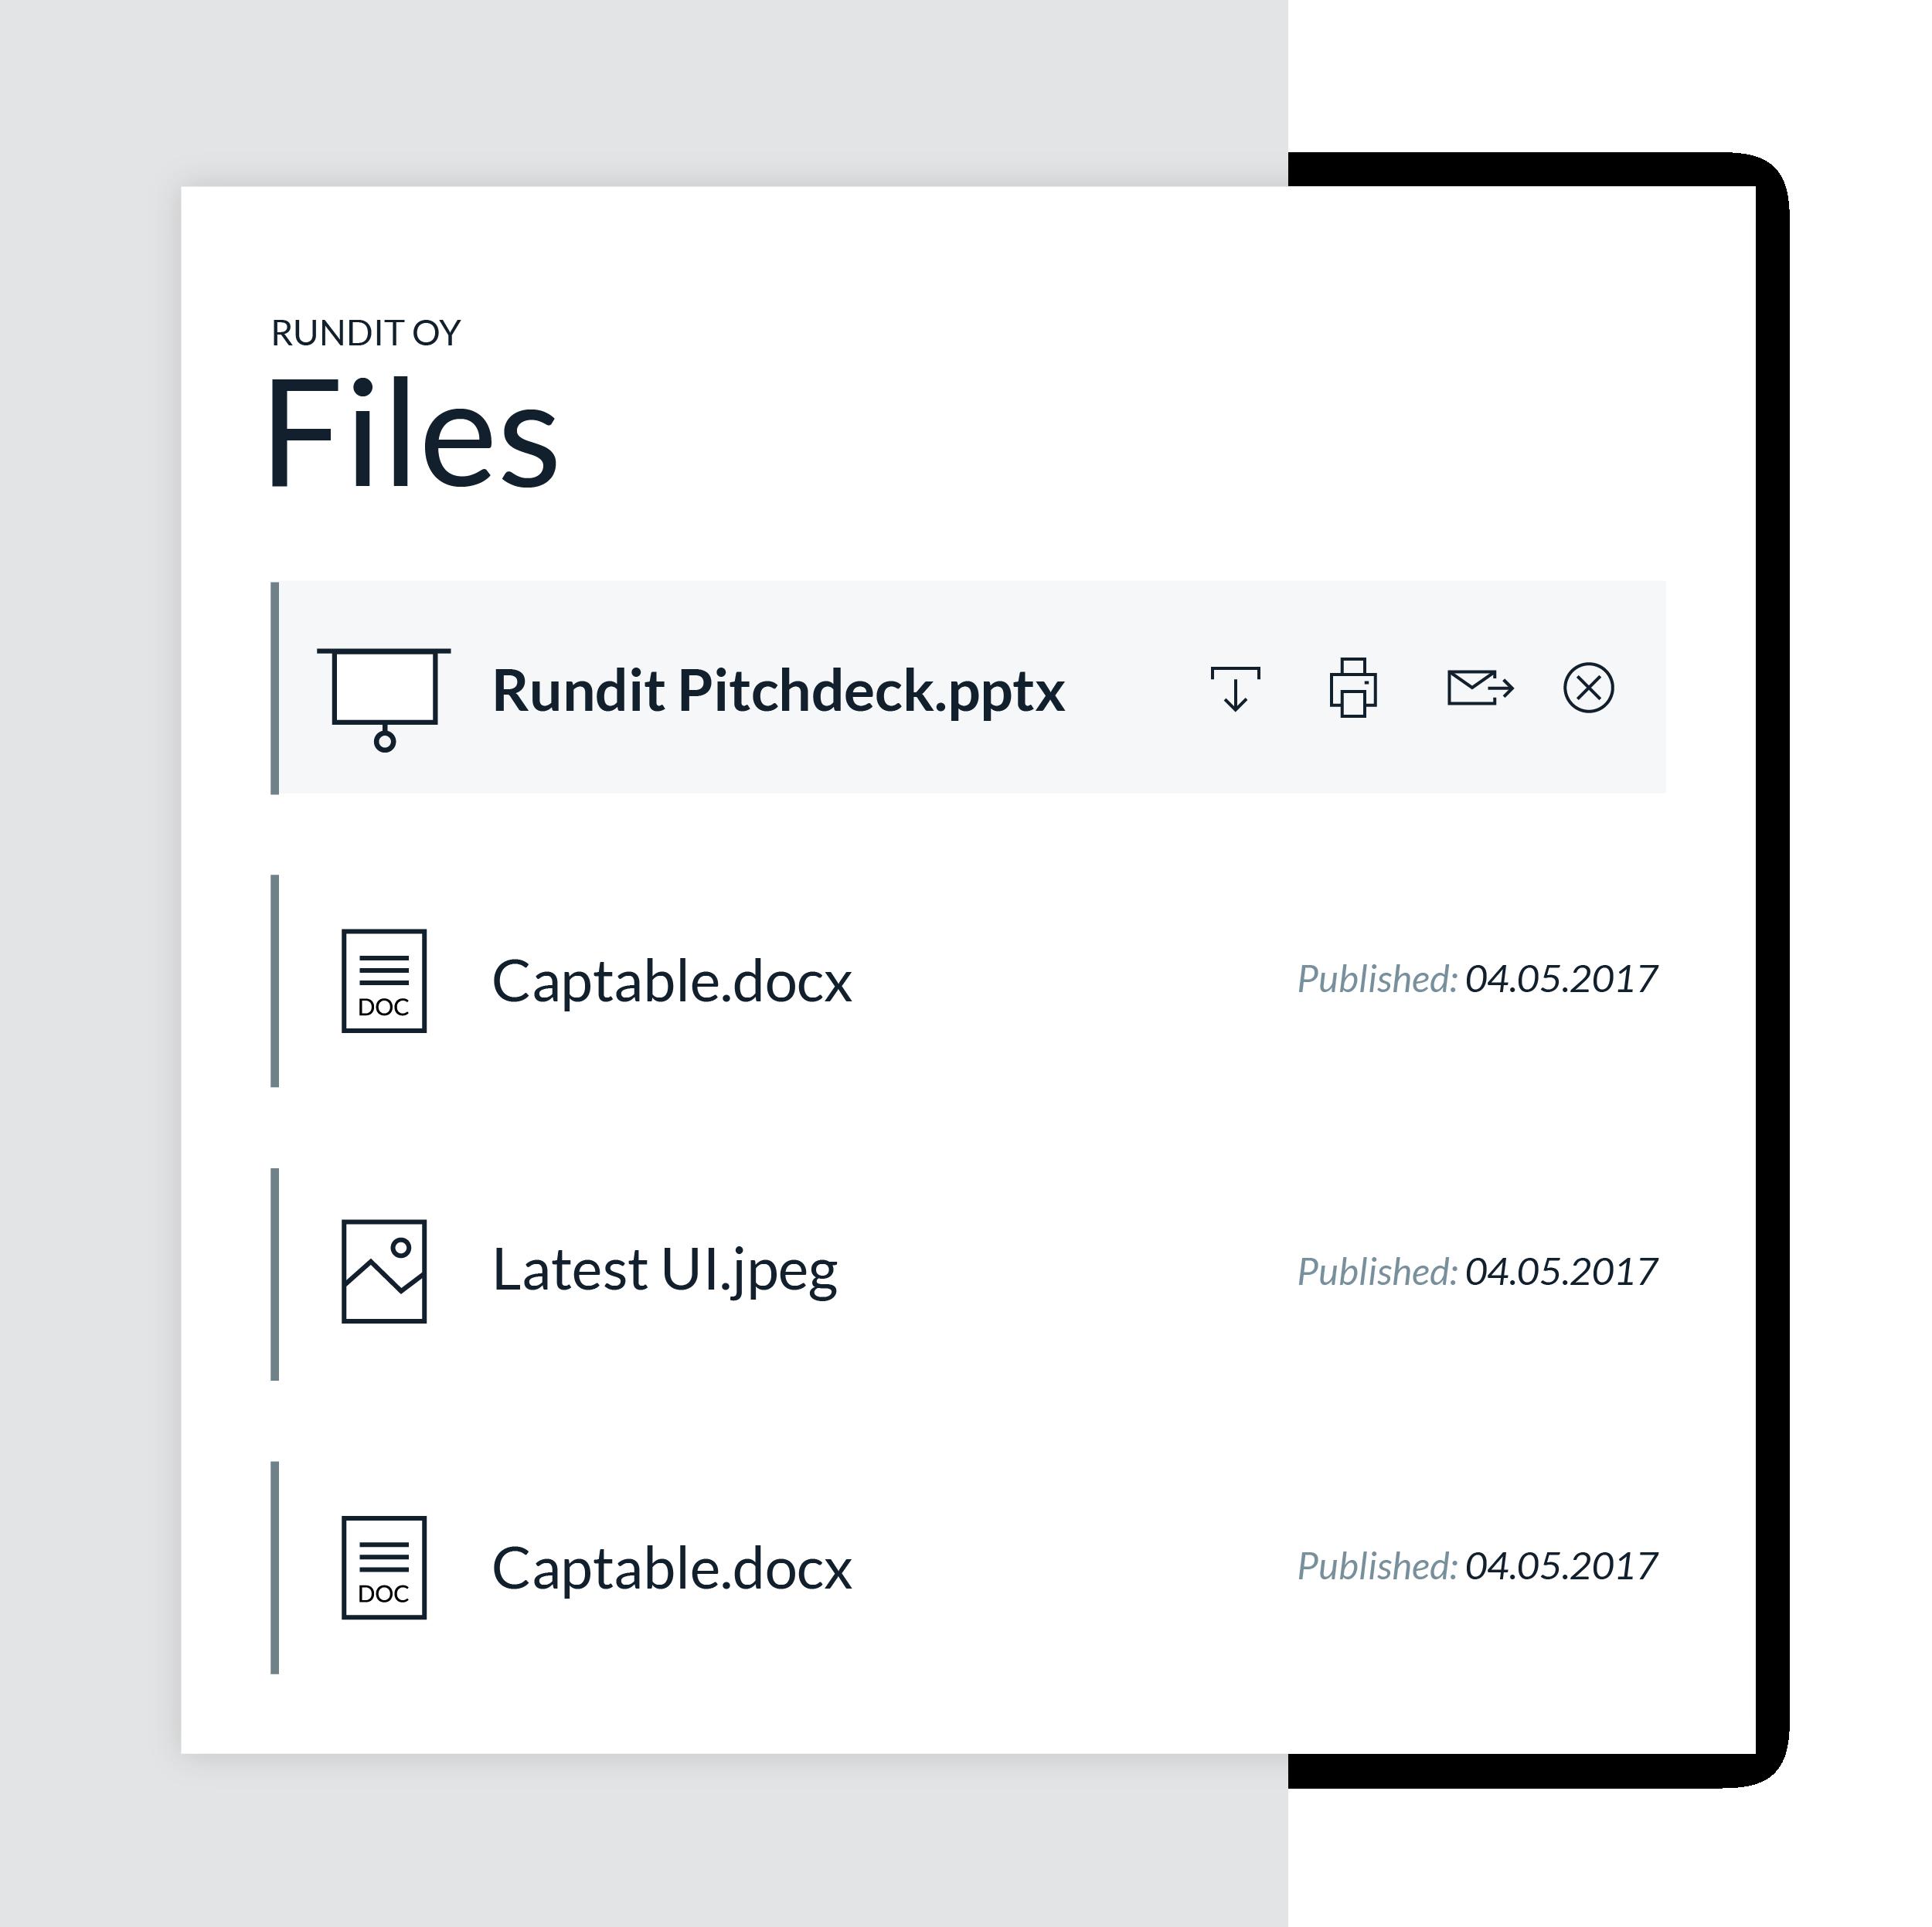 Investors-Files-06.png